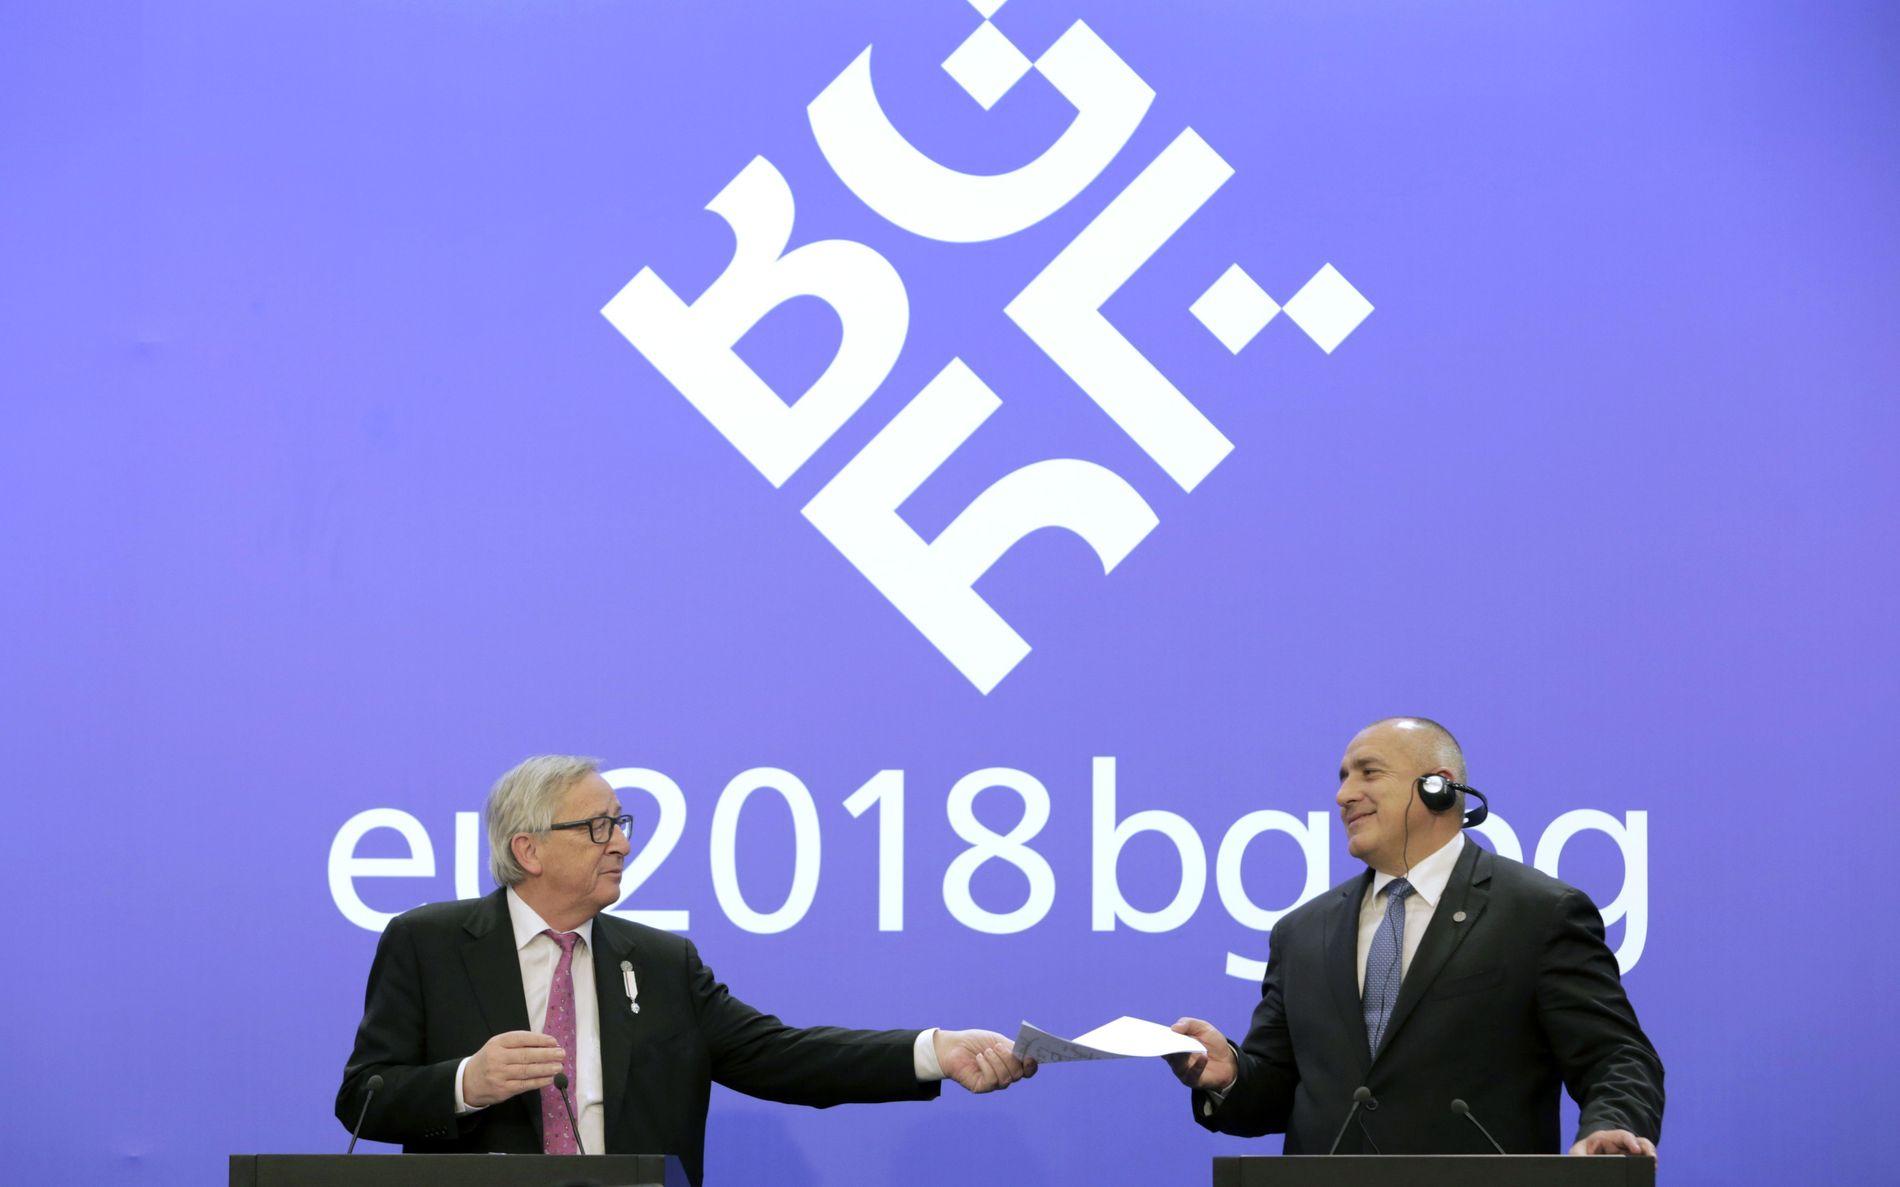 VIL PRIORITERE VEST-BALKAN: EU-kommisjonens president Jean-Claude Juncker (t.v.) sammen med Bulgarias statsminister Bojko Borisov i Sofia fredag. De to har varslet at de dette halvåret vil gi høy prioritet til samtalene med land på Vest-Balkan. Foto: Valentina Petrova / AP / NTB scanpix